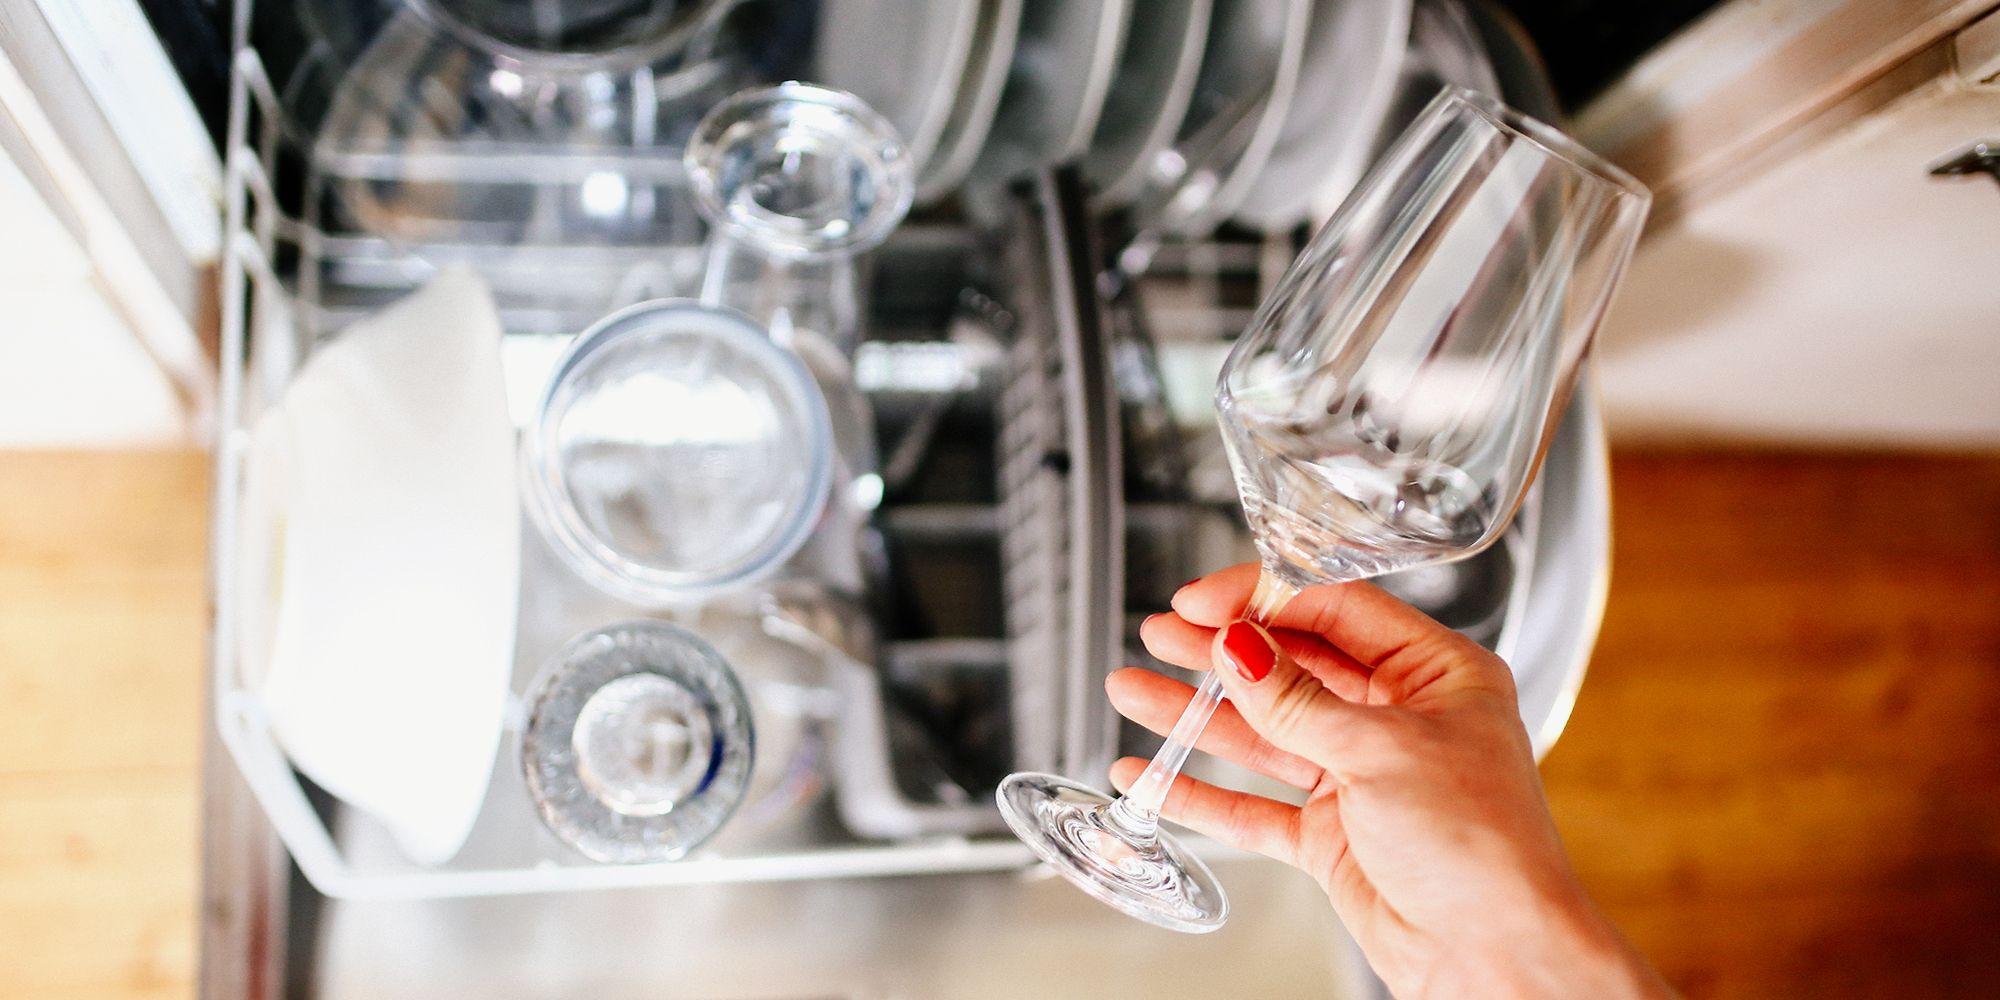 10 Best Dishwasher Detergent Brands In 2019 Dishwashing